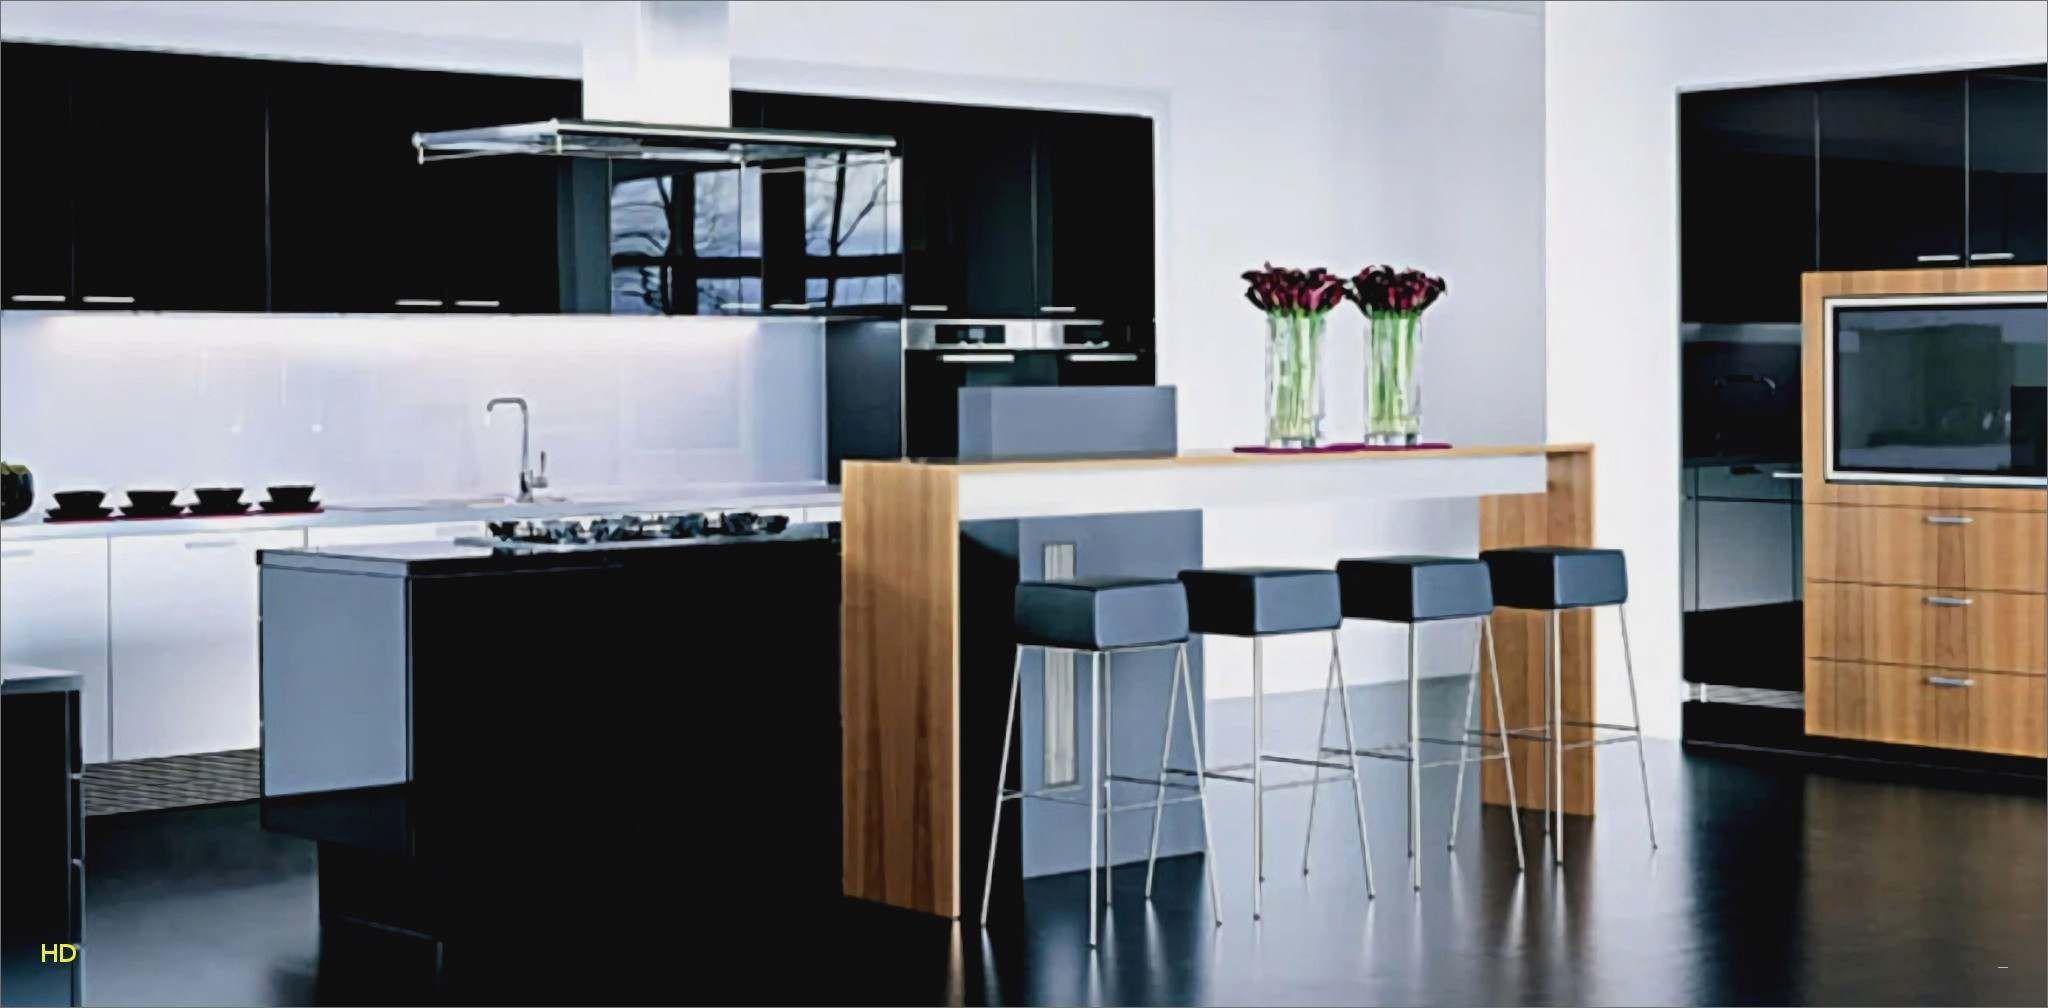 18 Frisch Küchen Quelle Werbung 18